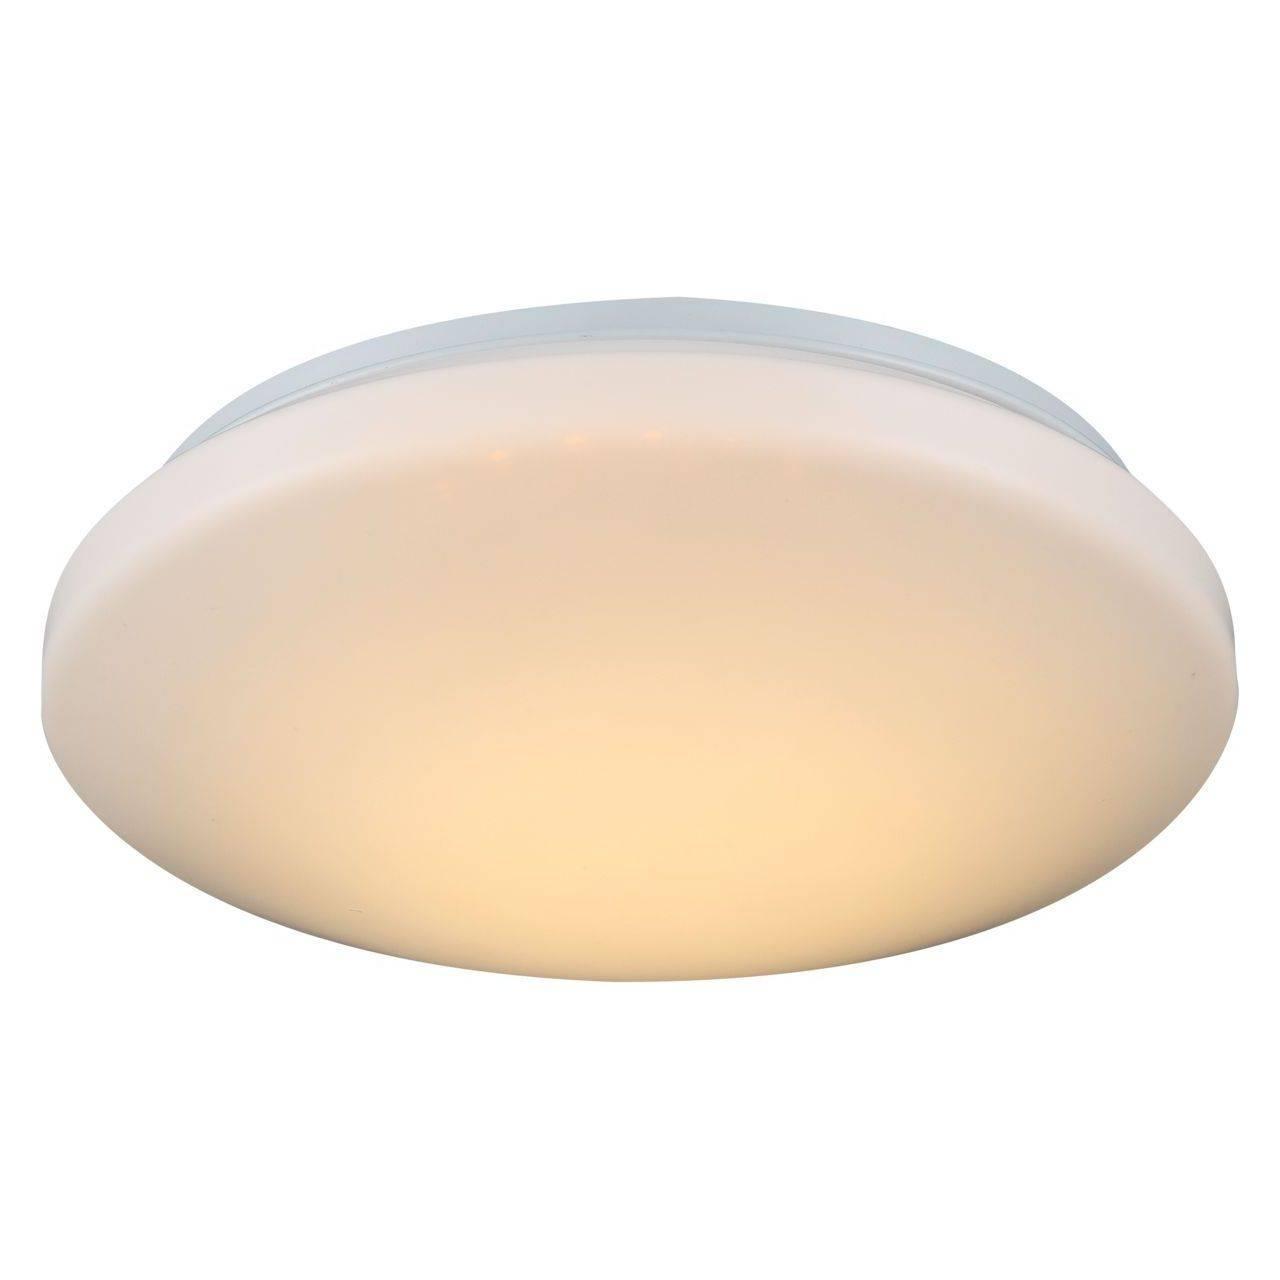 Потолочный светодиодный светильник Globo Ufo I 41642 потолочный светодиодный светильник globo mathilda 68397 12